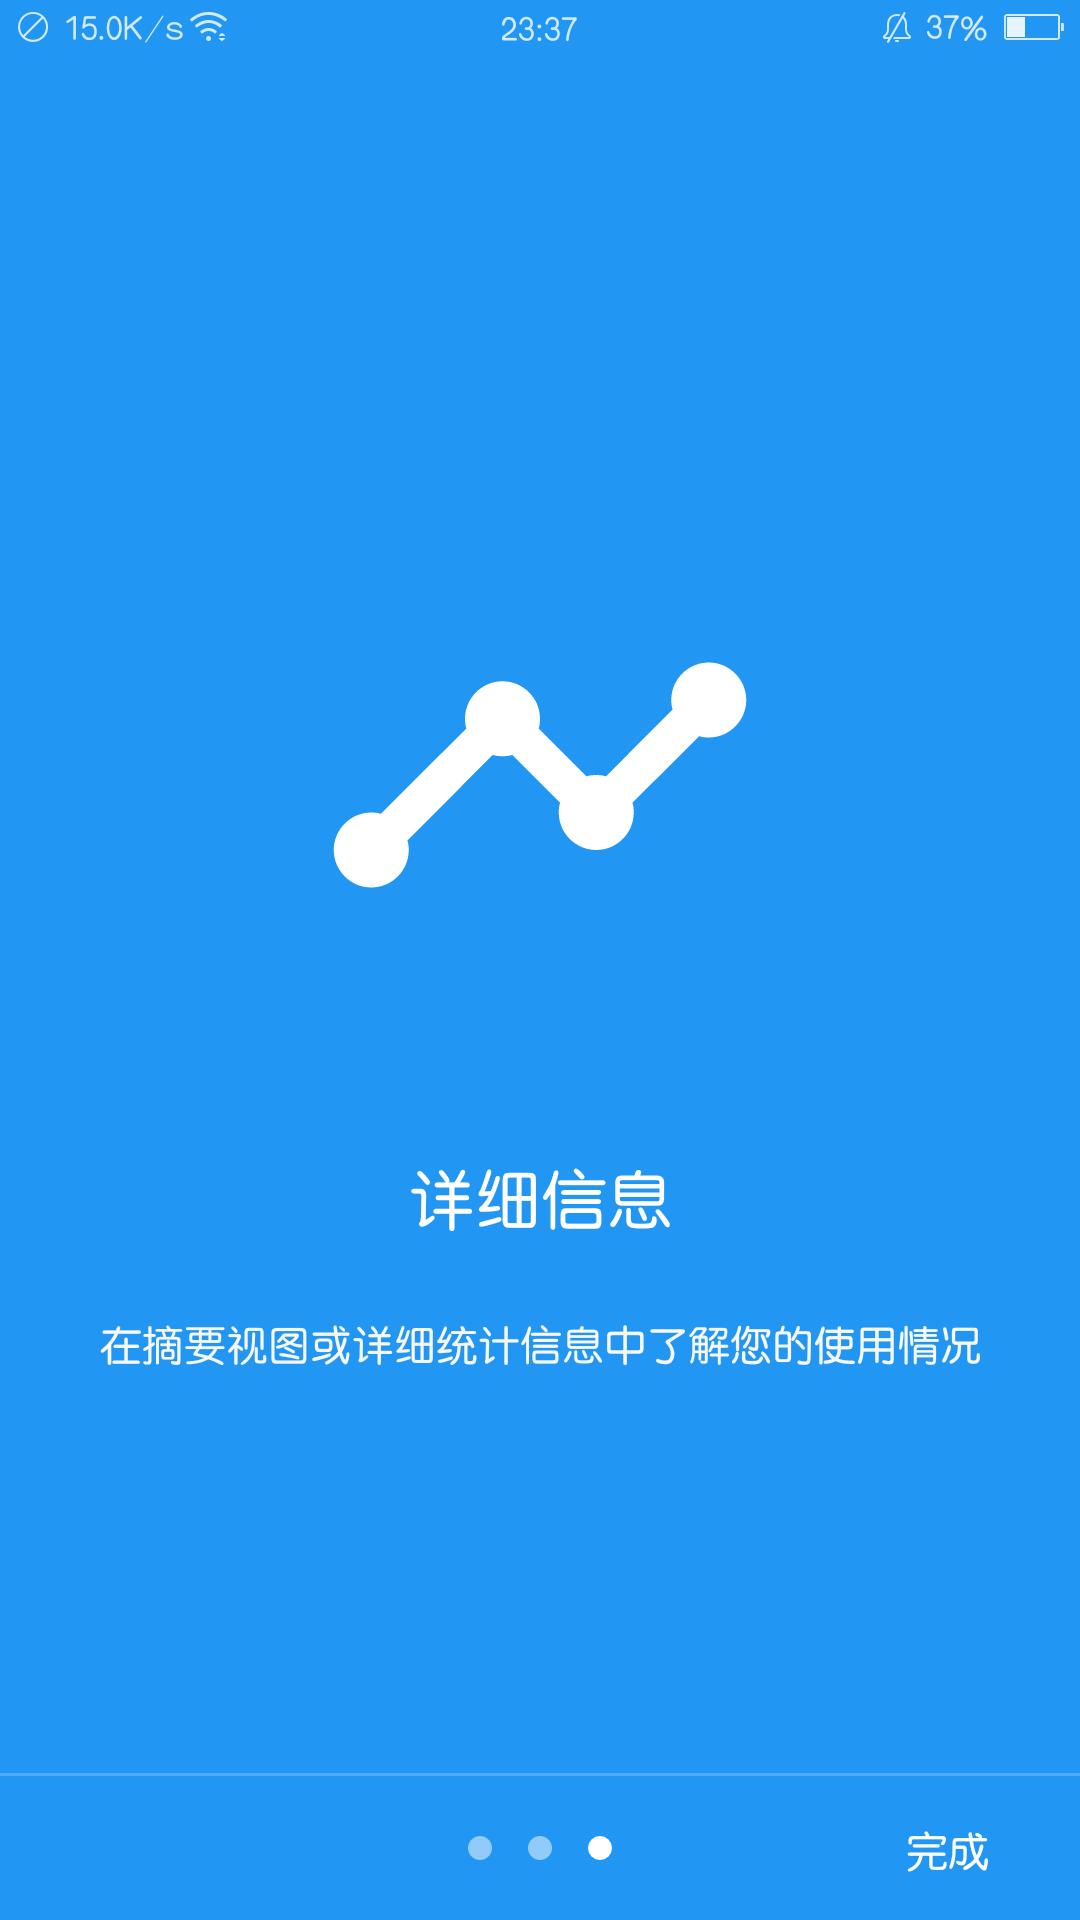 【分享】网络速度 - 网速 - Network Speed 2.-爱小助